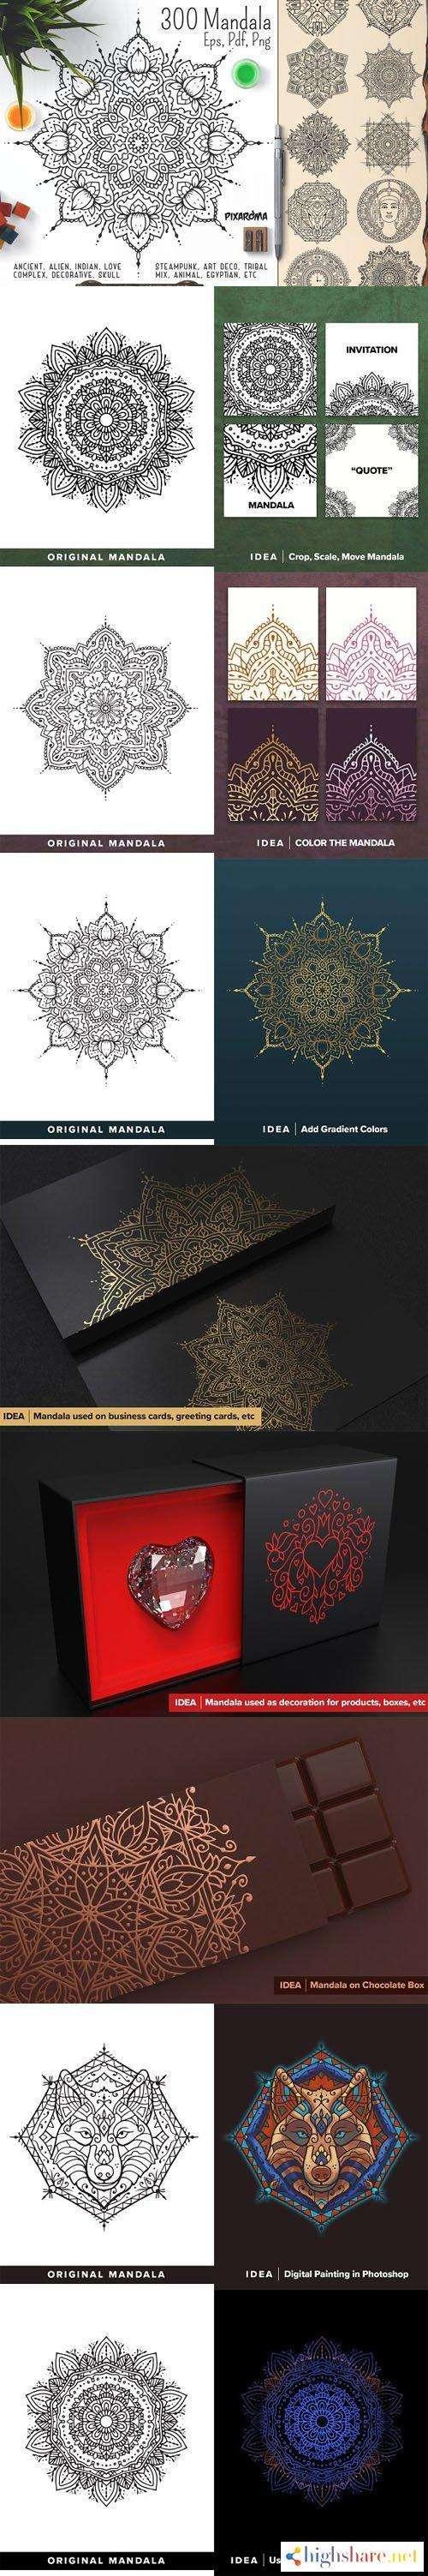 300 mandala ornaments in vector 5f47361460f77 - 300 Mandala Ornaments in Vector